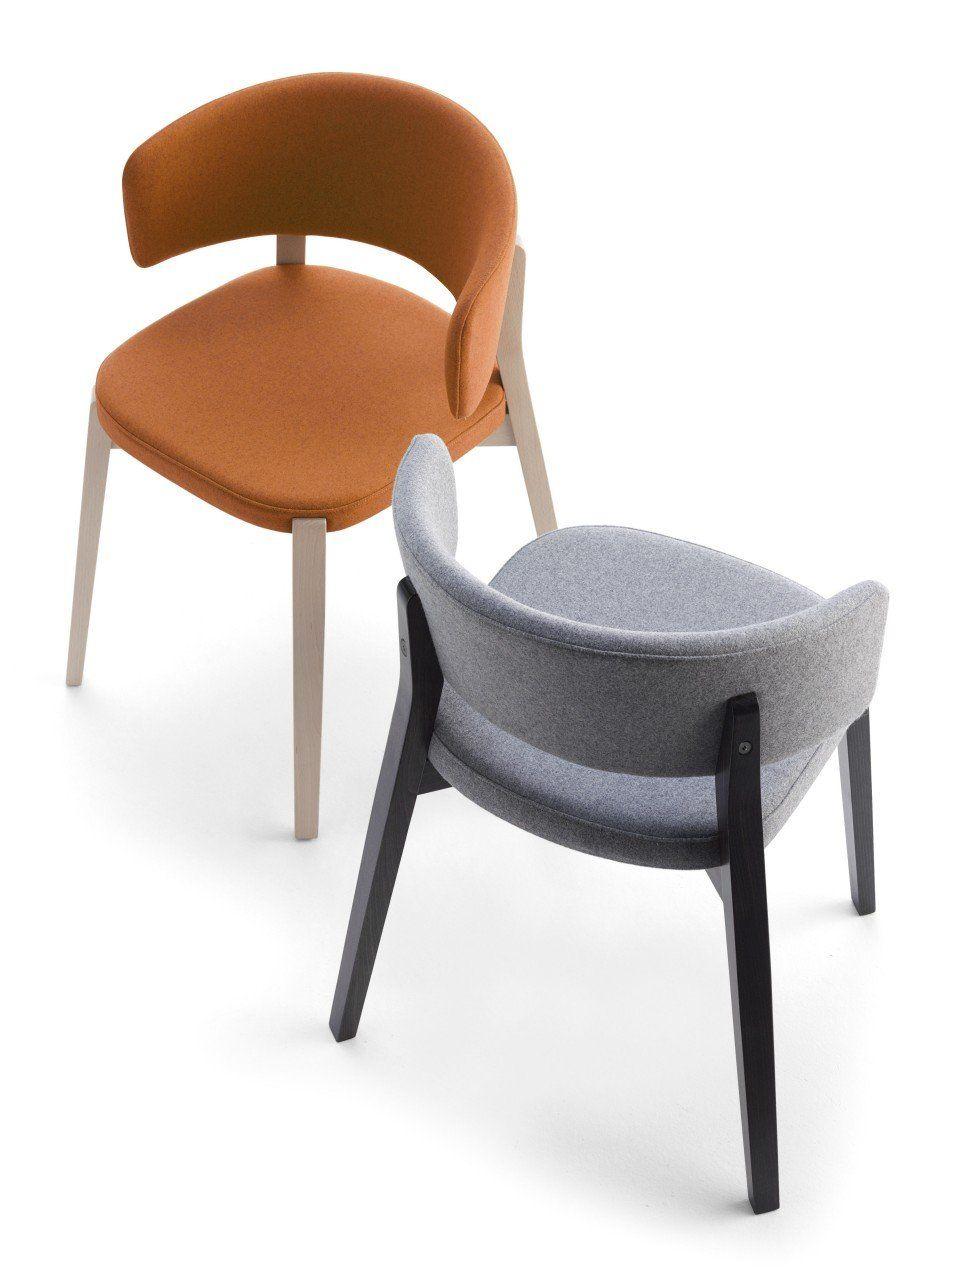 Dixie Chair Range by Cantarutti